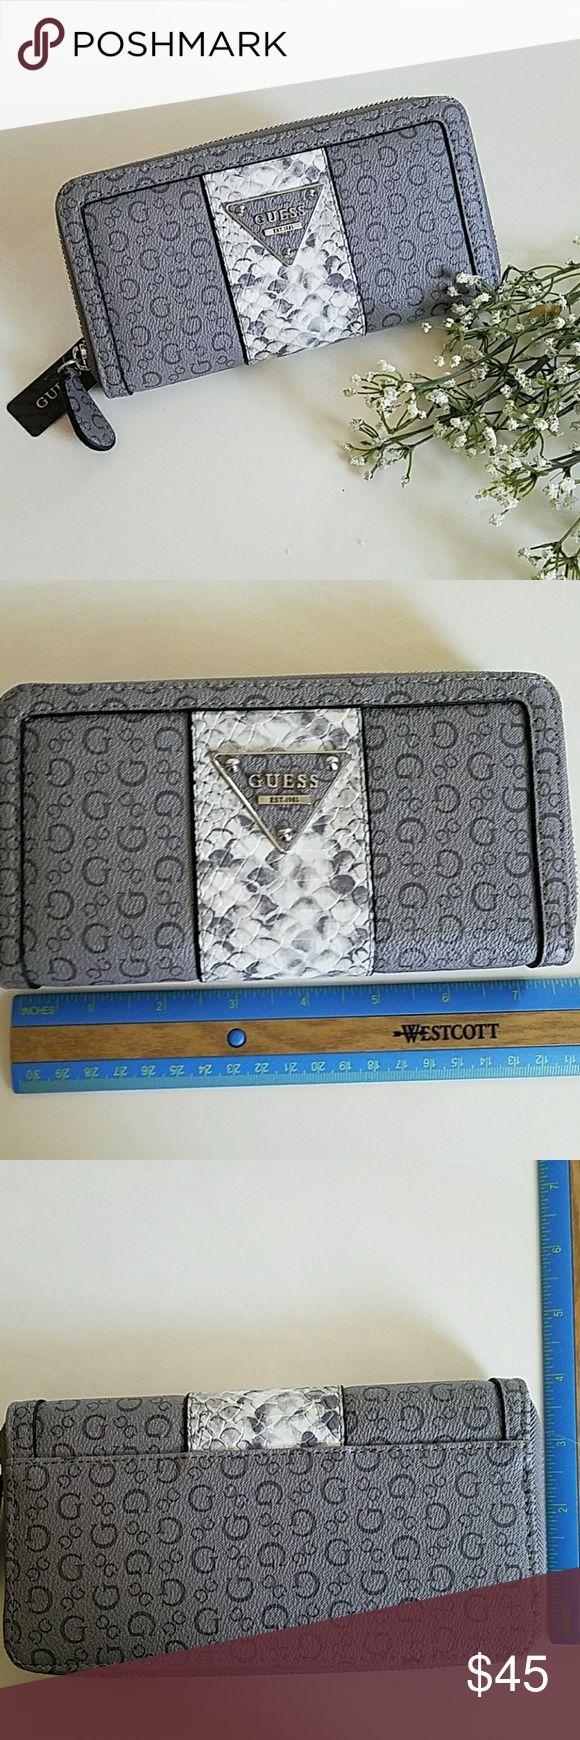 Guess Wallet Wunderschönes brandneues Modell mit 100% authentischem Guess Wallet. Leder. …